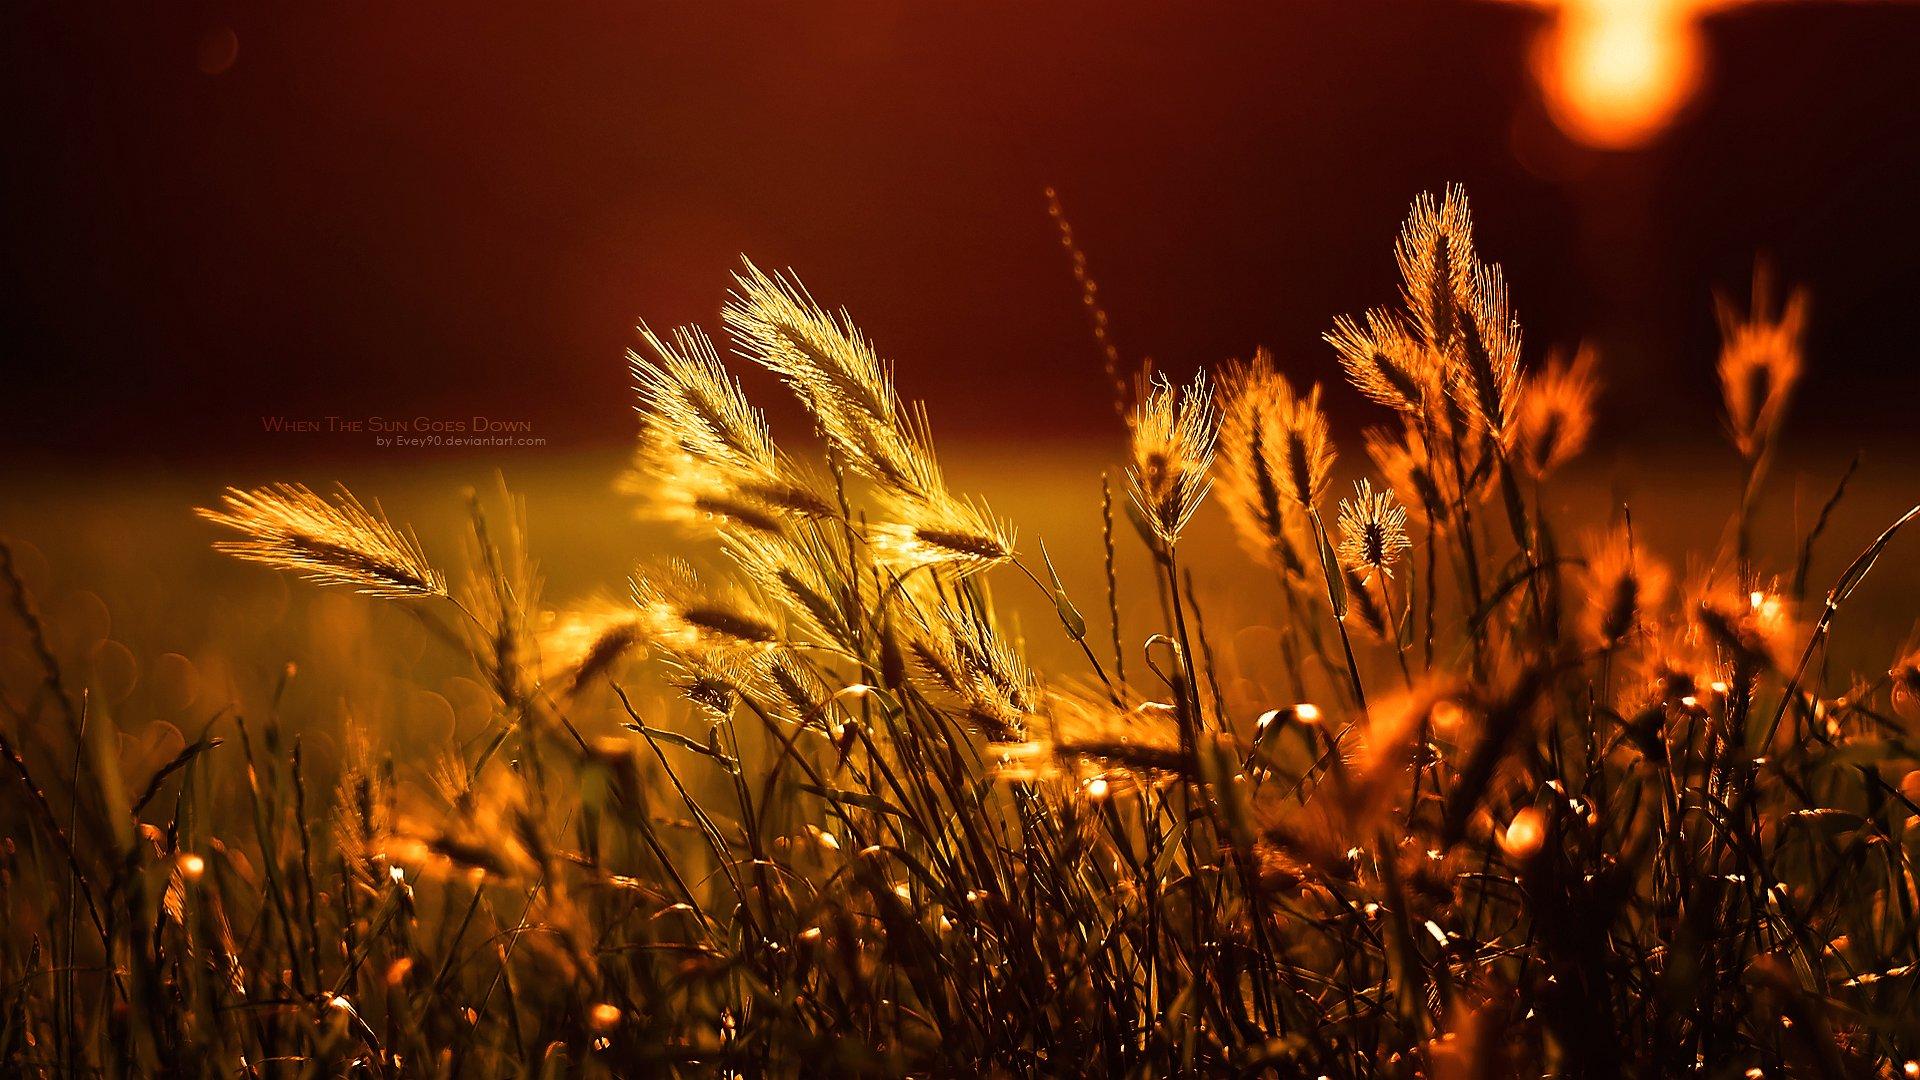 retina display wallpapers,nature,sky,grass,light,heat